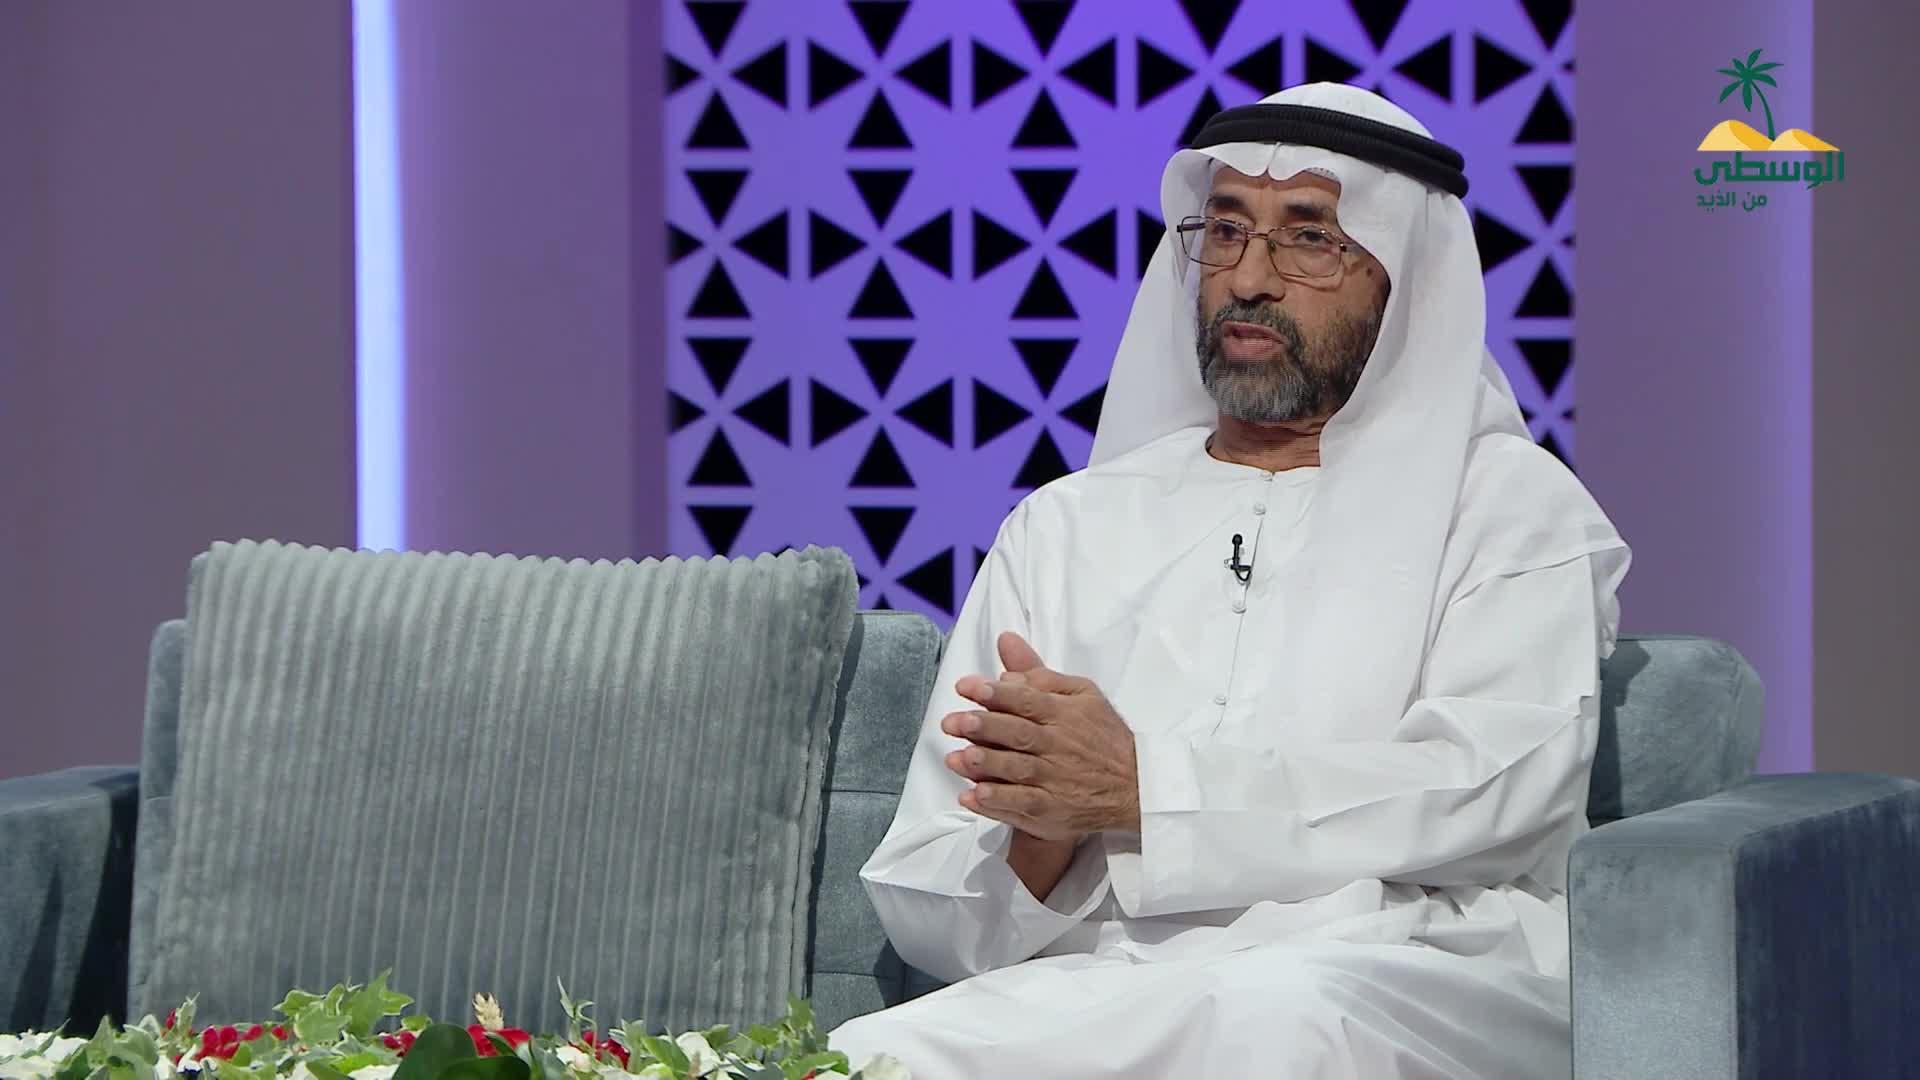 نهضة وطن - الحلقة الثالثة عشر - سعادة محمد سلطان بن هويدن